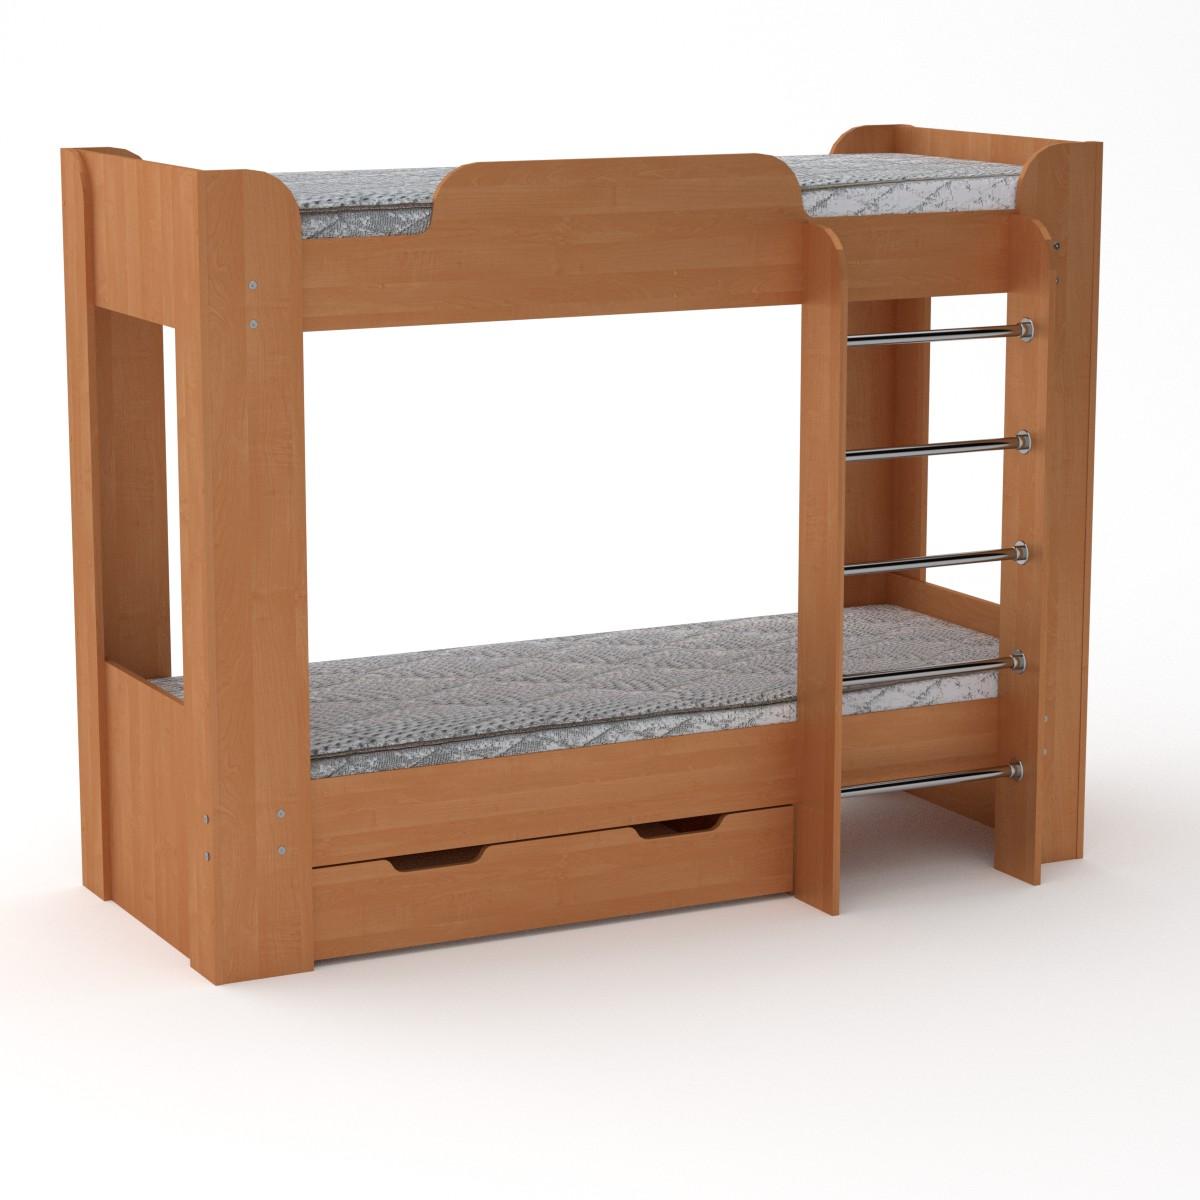 Двухъярусная кровать Твикс-2 цвет ольха